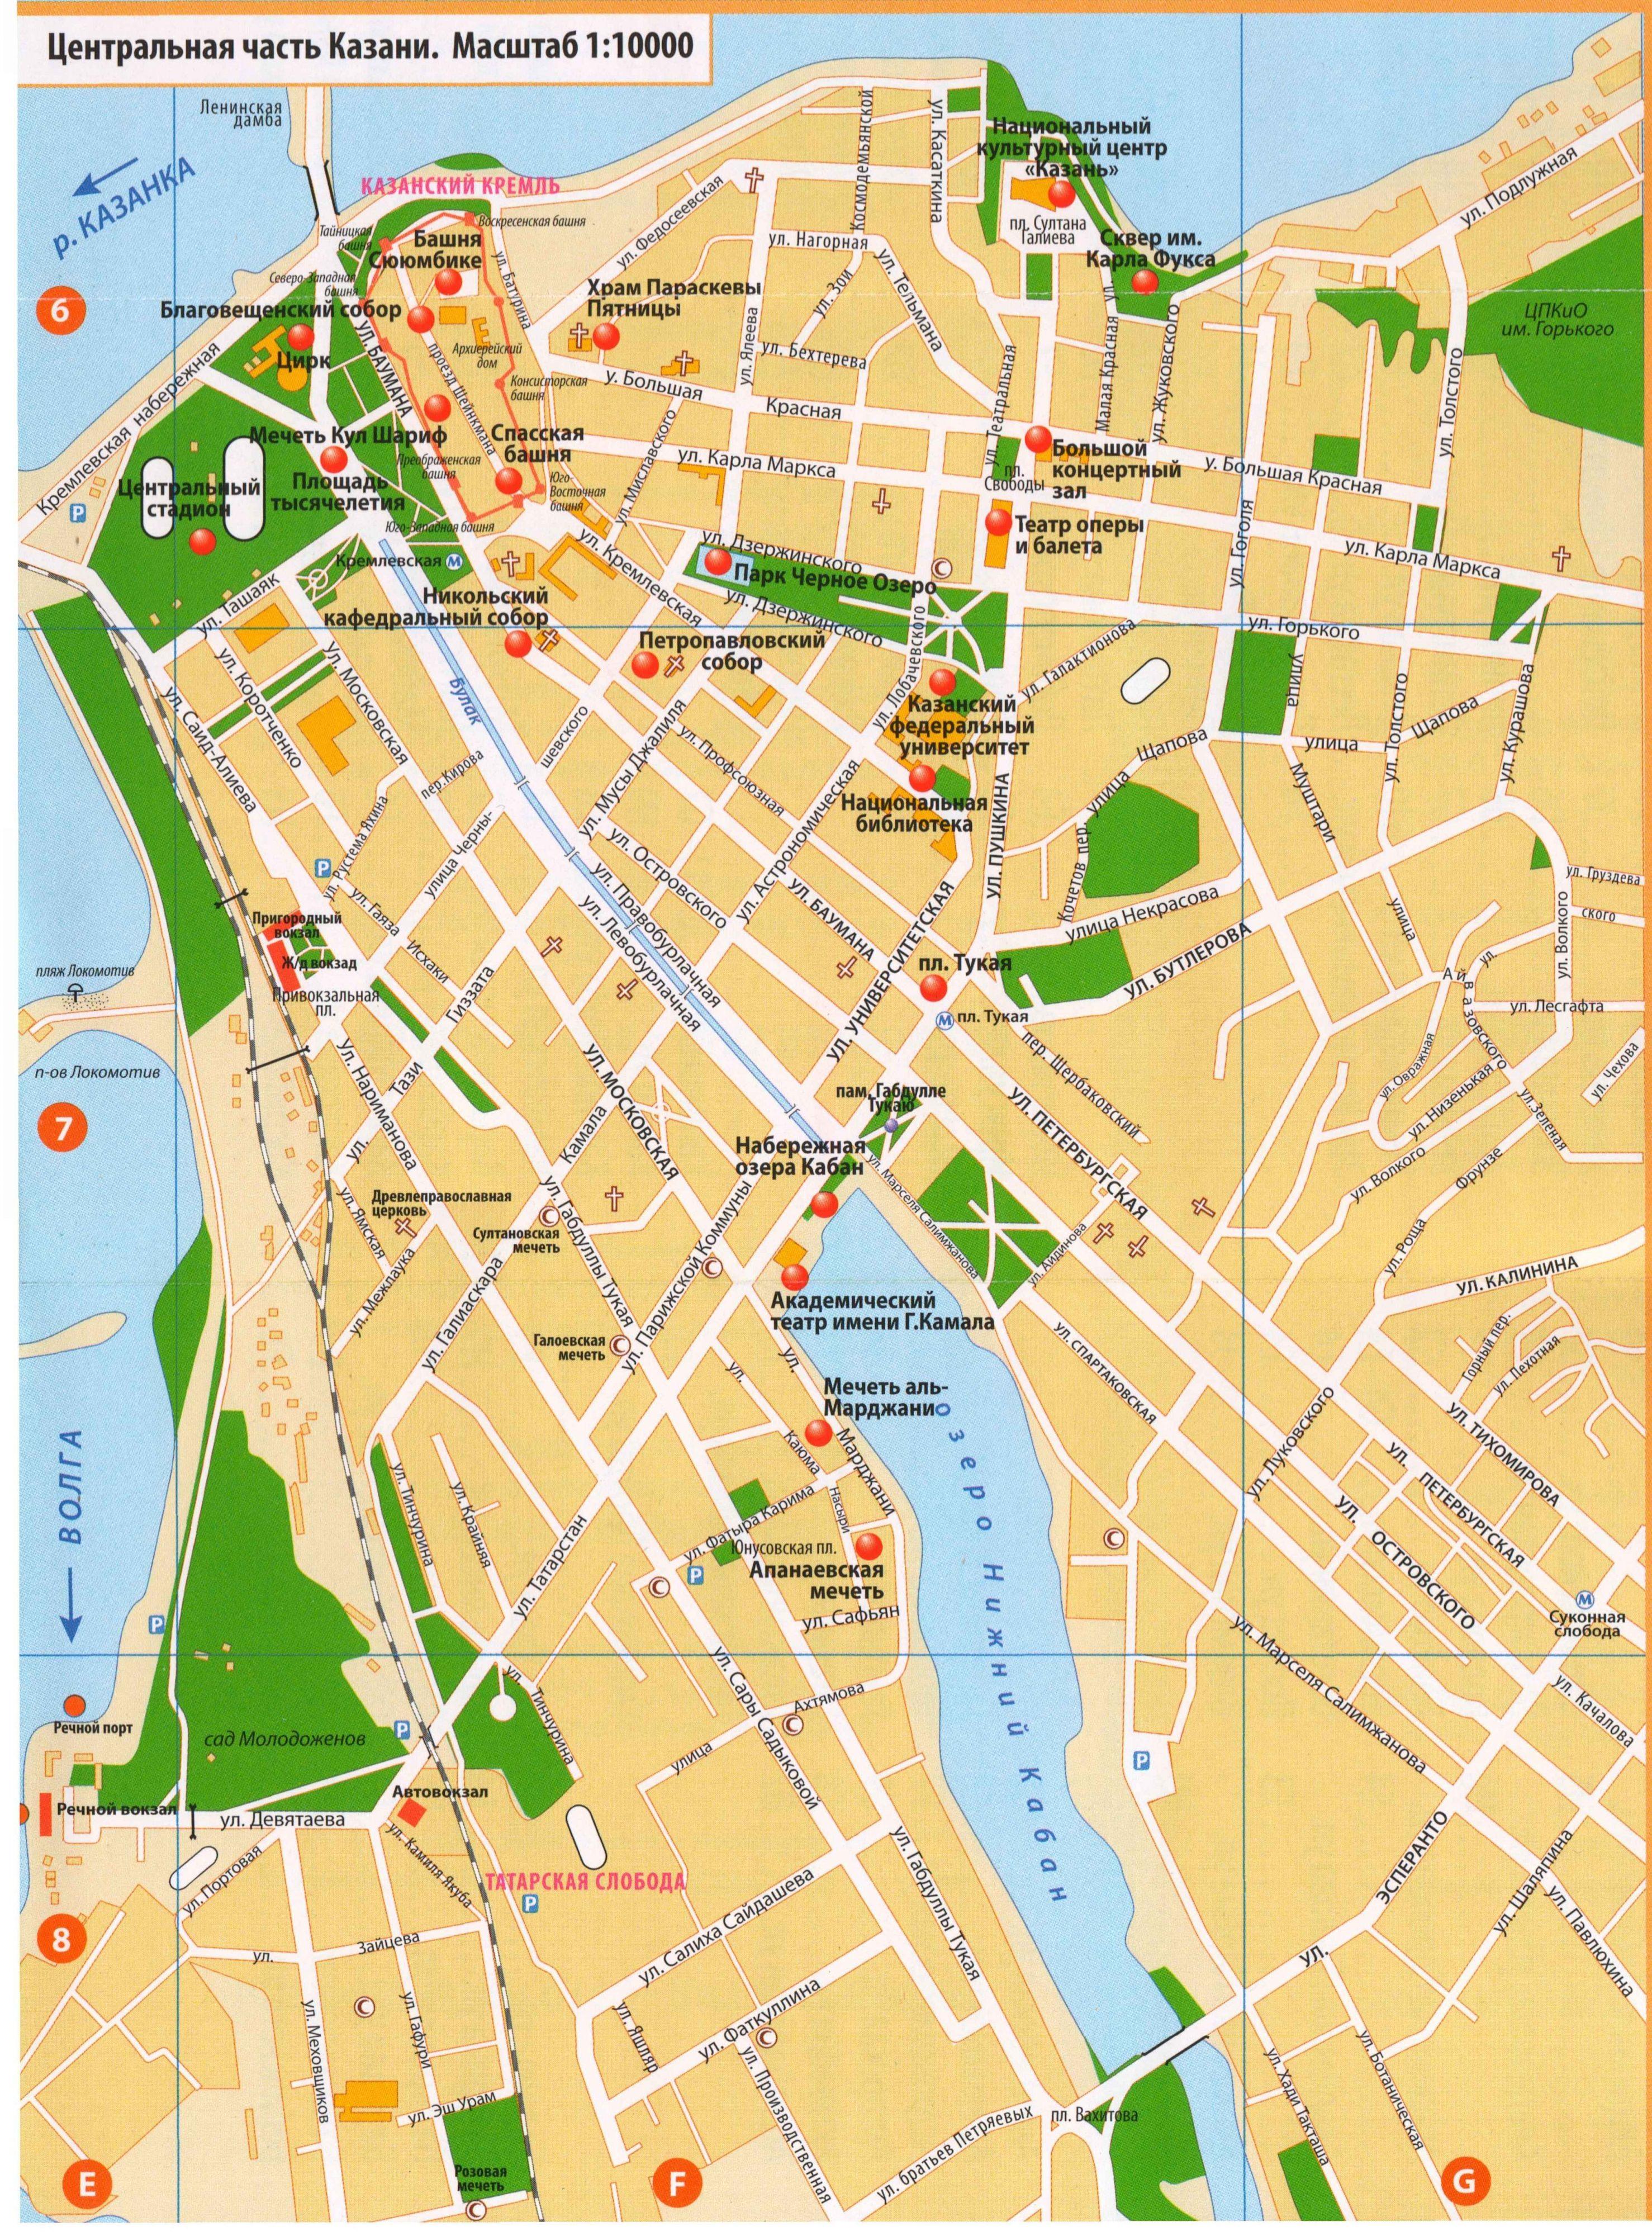 Большая карта-схема